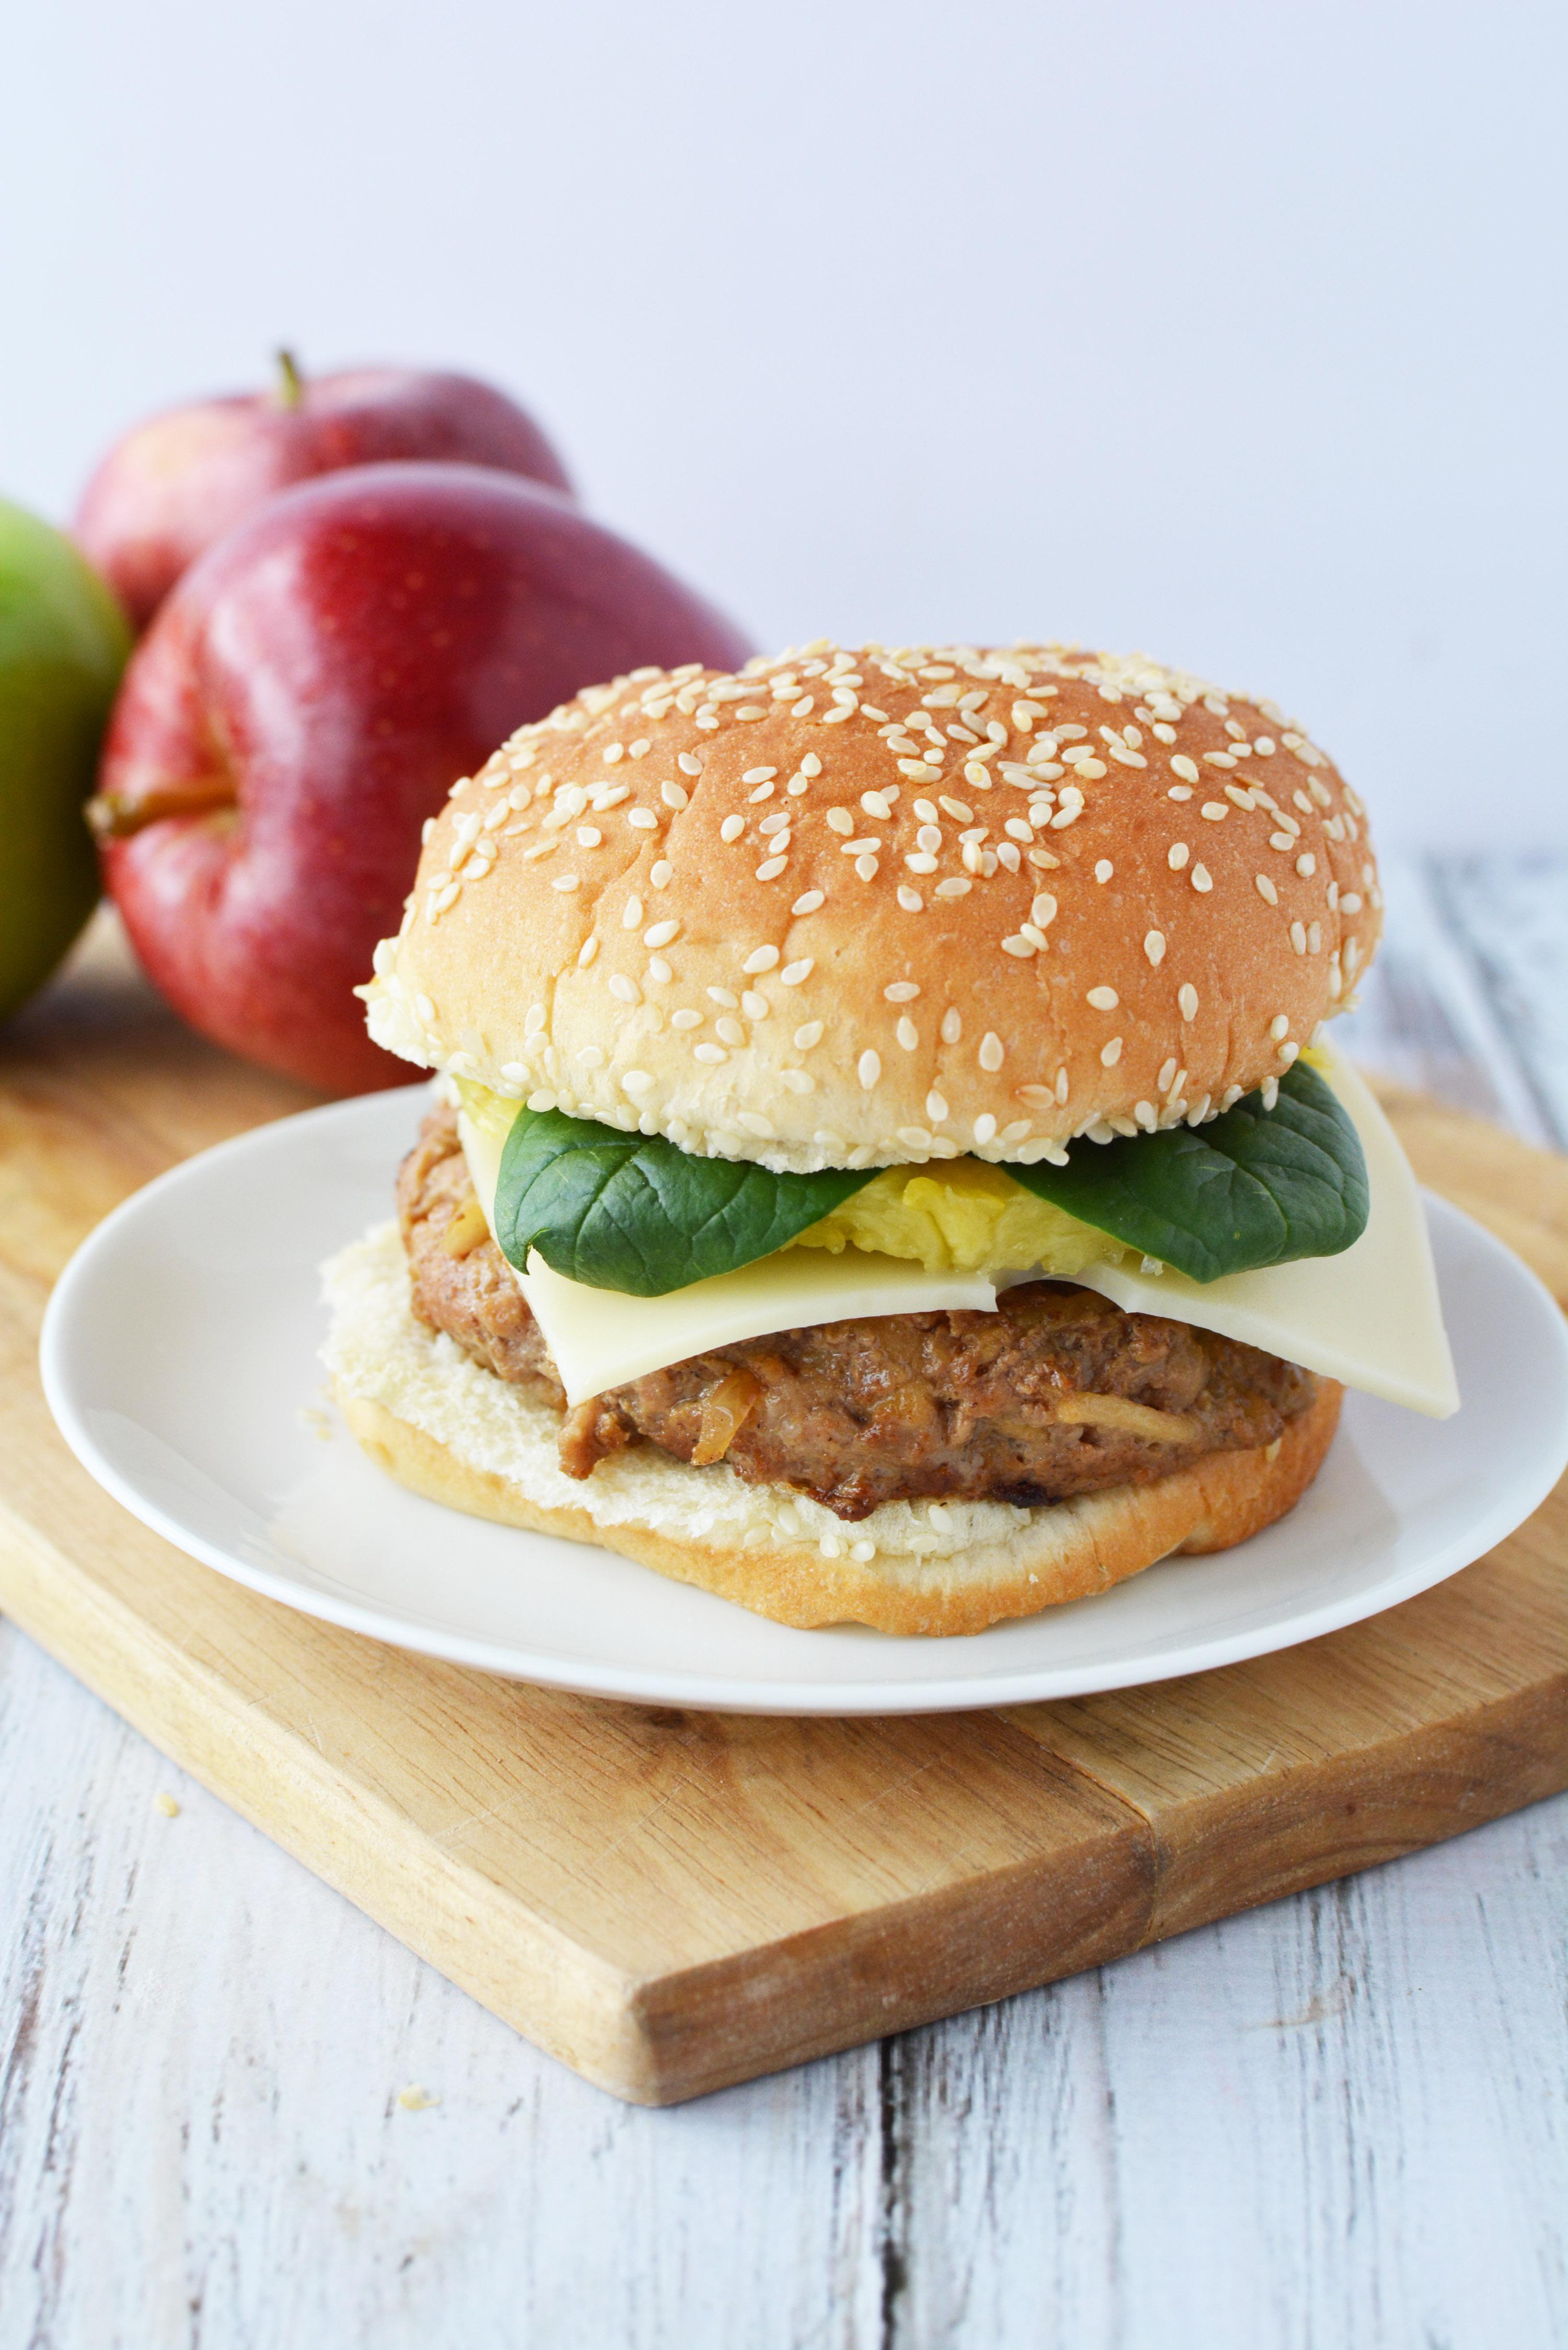 burger de porc sunt combinatia perfecta pentru cea mai ușoară, savuroasă si frageda rețetă de burger pe care o vei face vreodată!